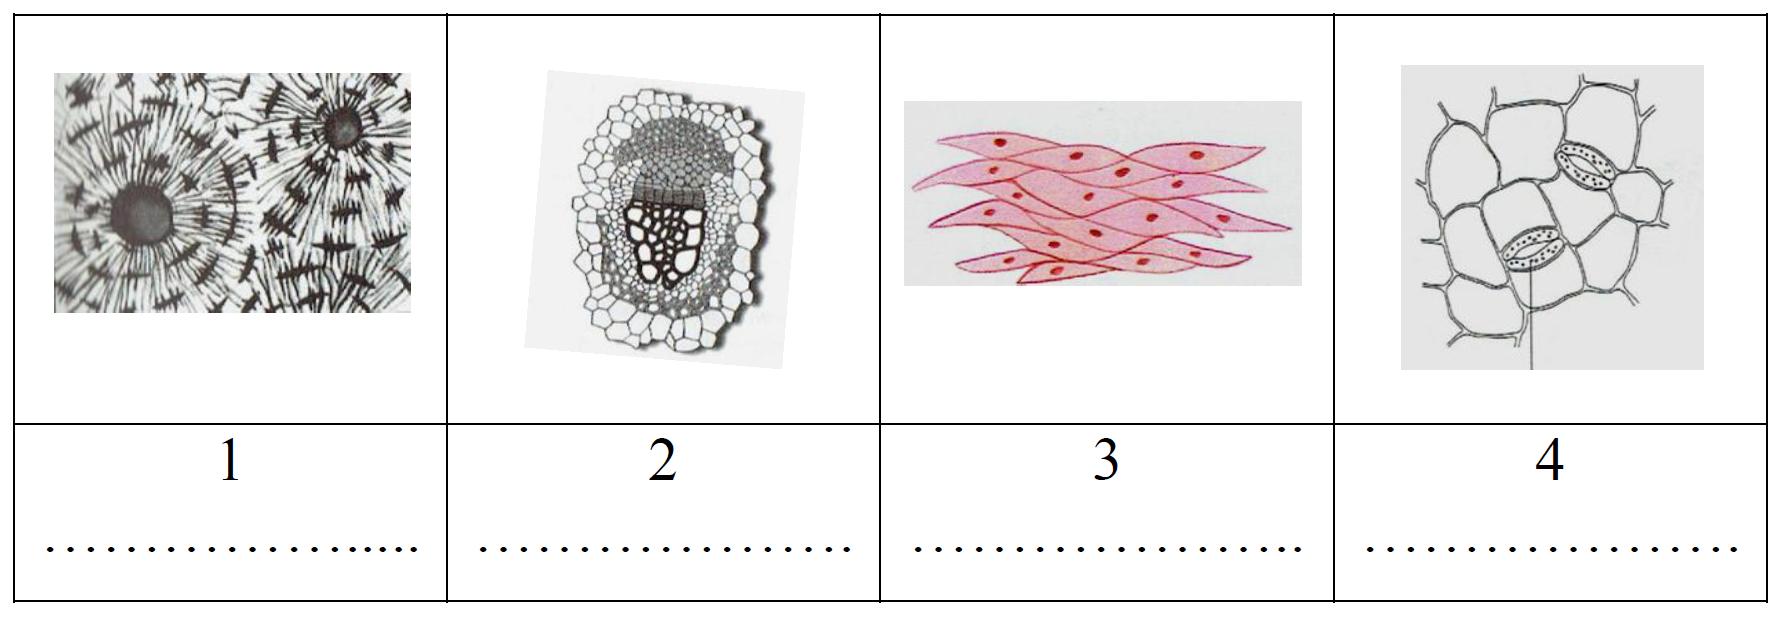 Fragmenty tkanek roślinnych i tkanek człowieka.